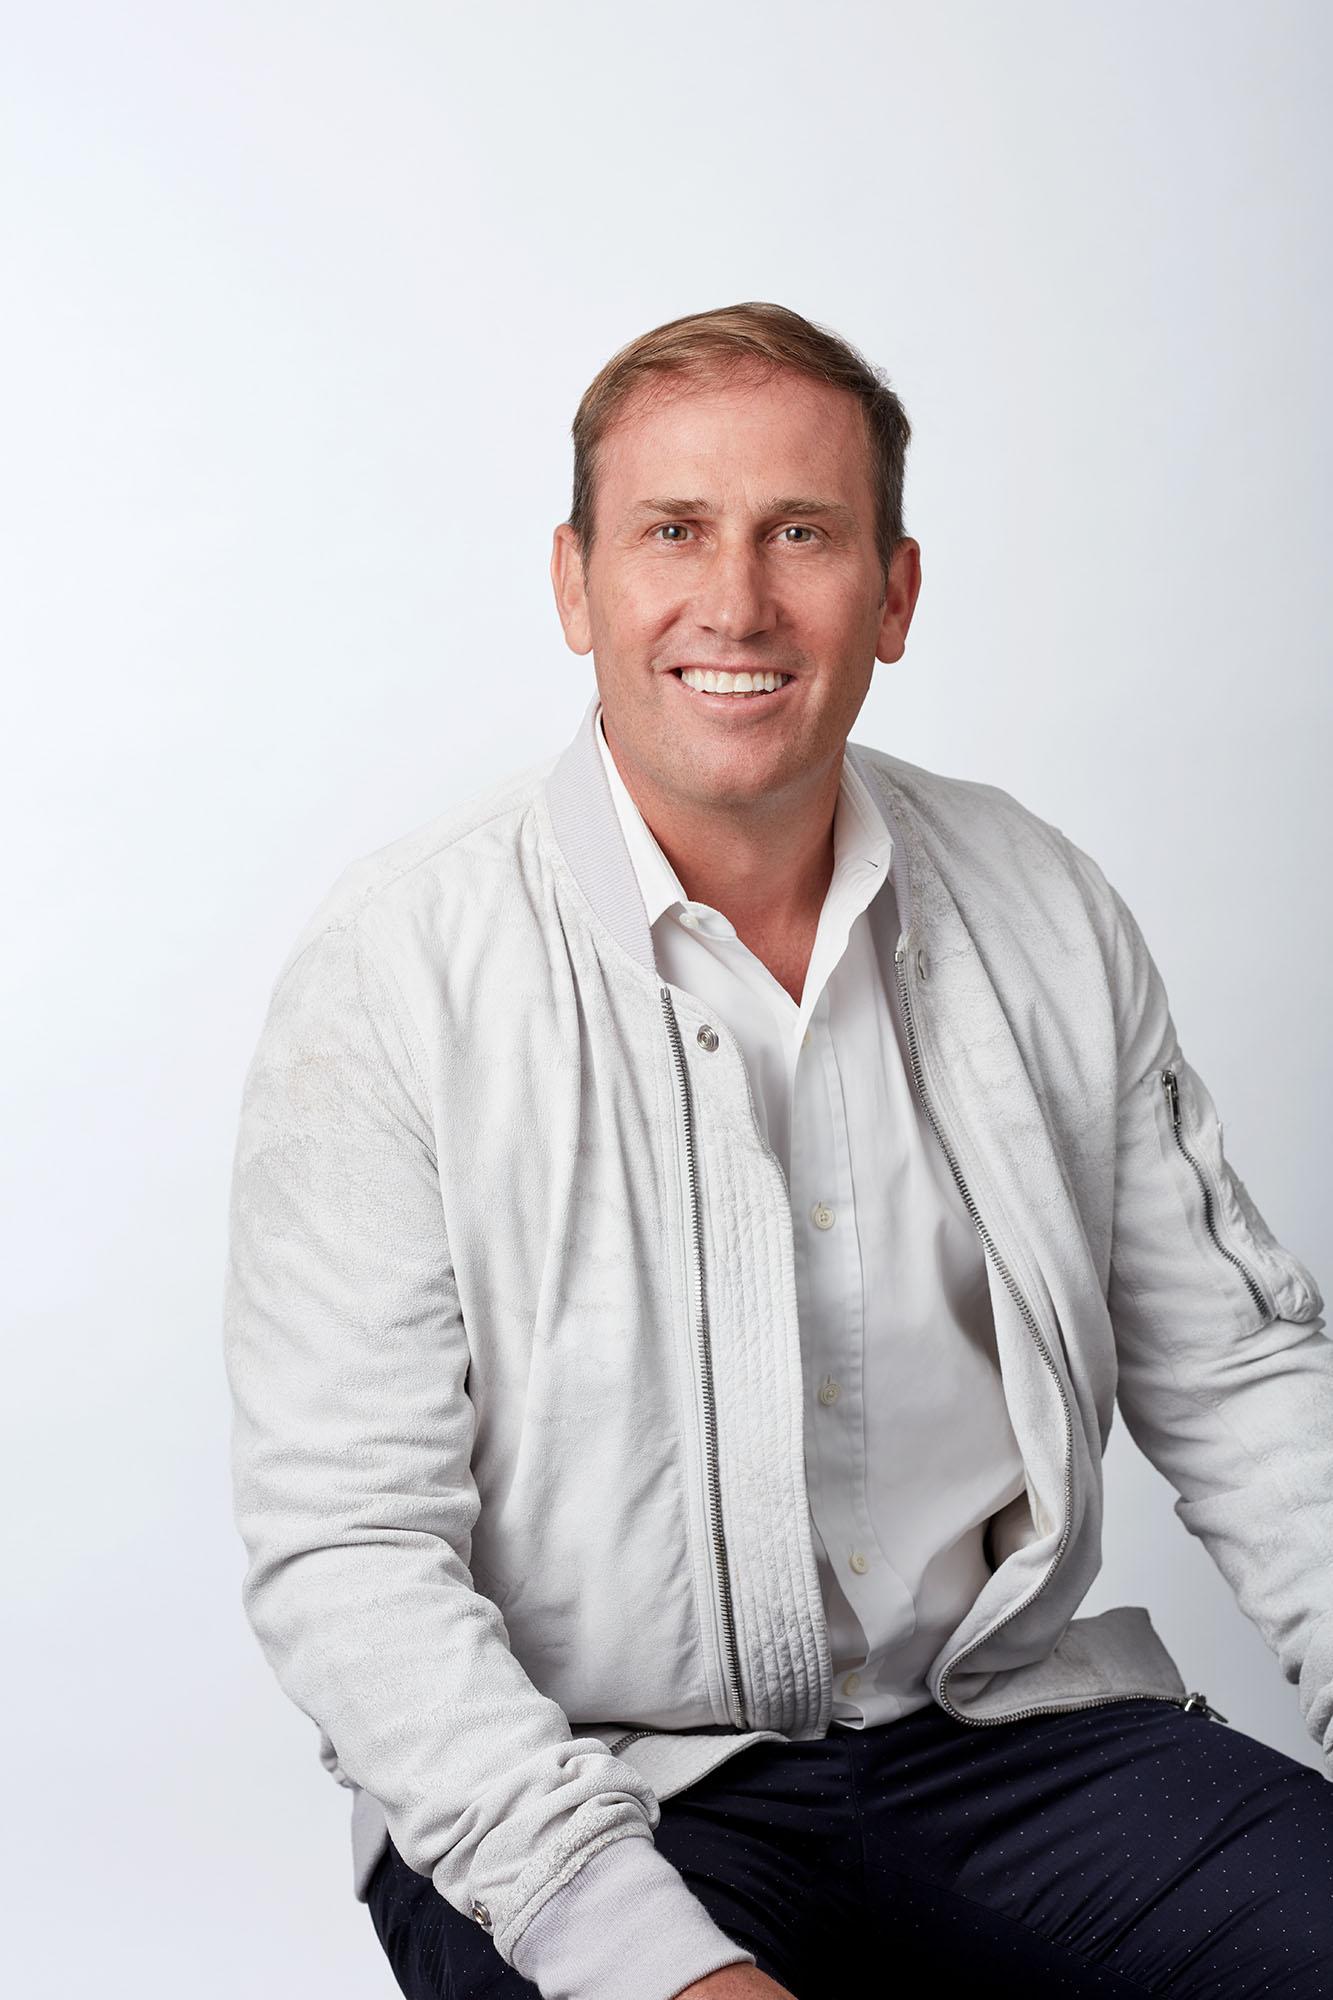 Scott Olrich, COO